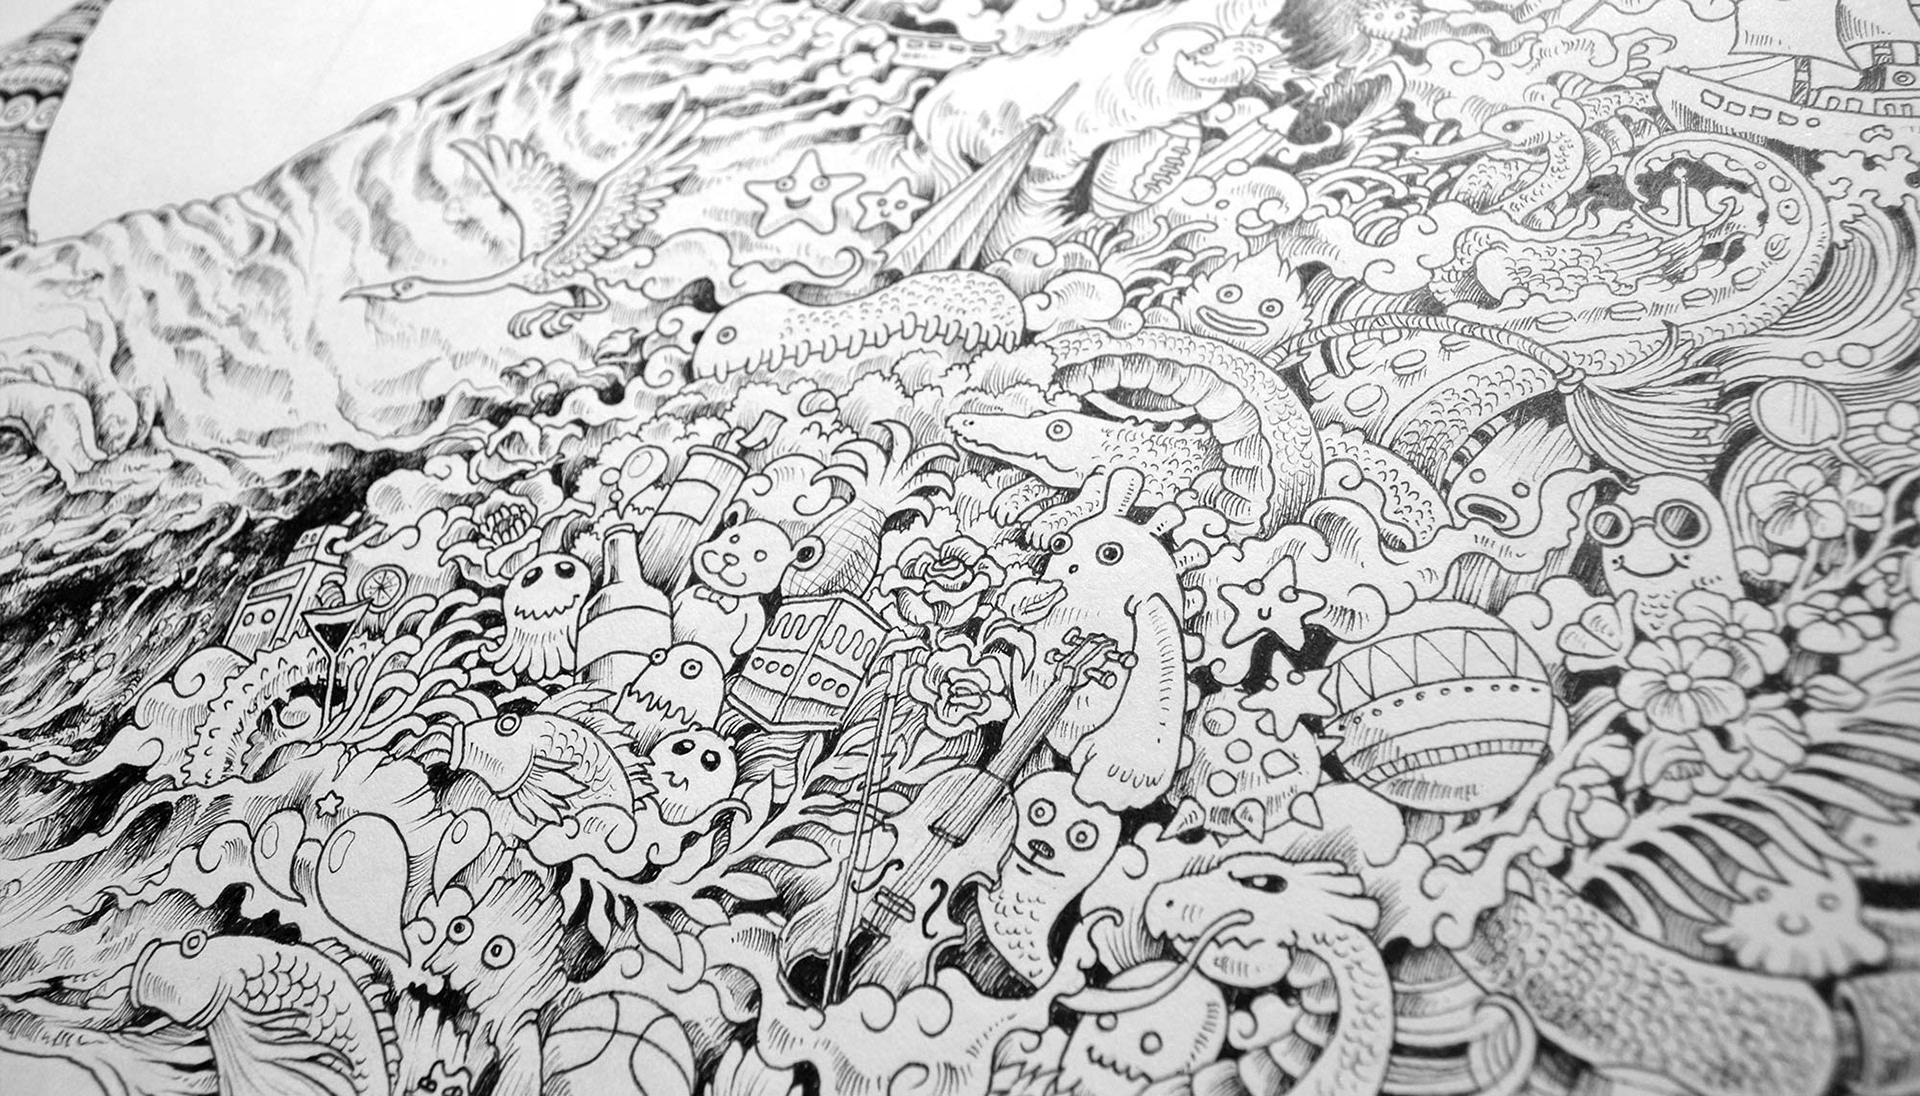 kerby rosanes illustrator portfolio animorphia